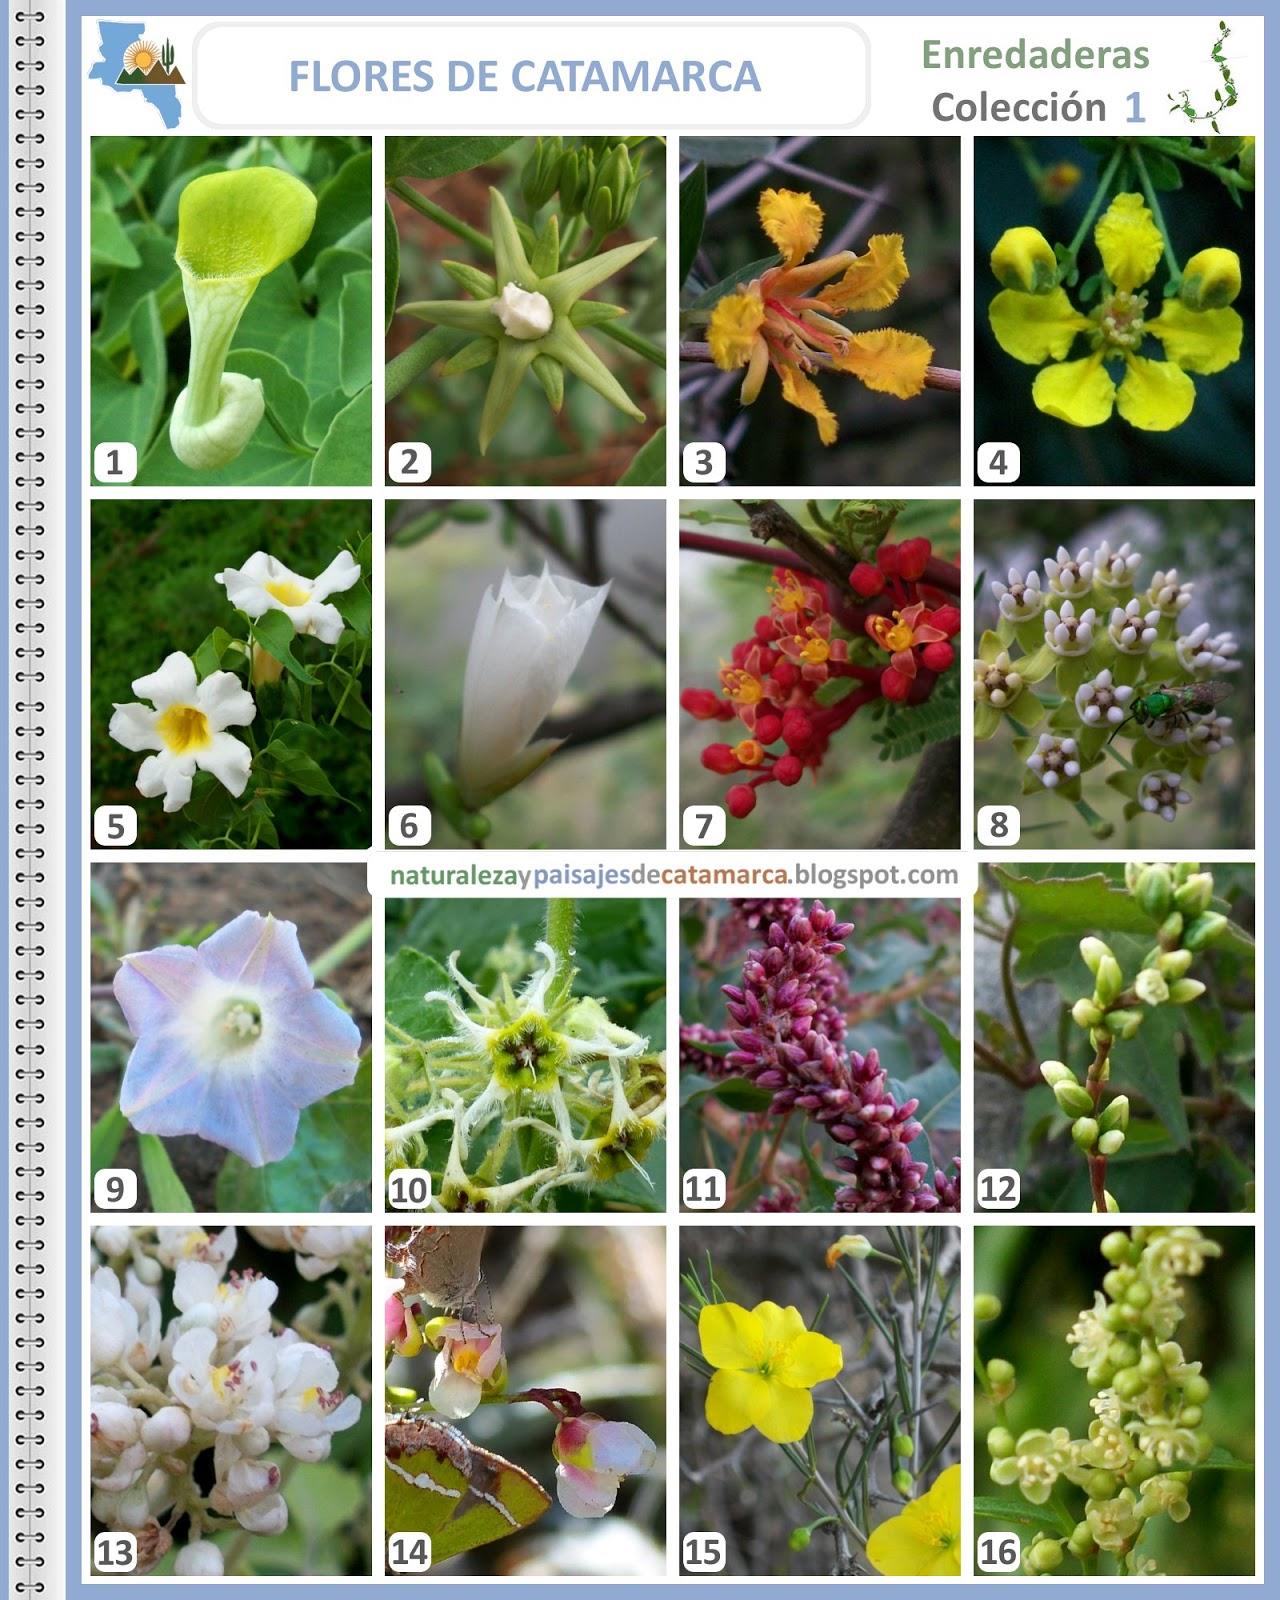 Naturaleza y paisajes de catamarca flores silvestres de for 5 plantas ornamentales con sus nombres